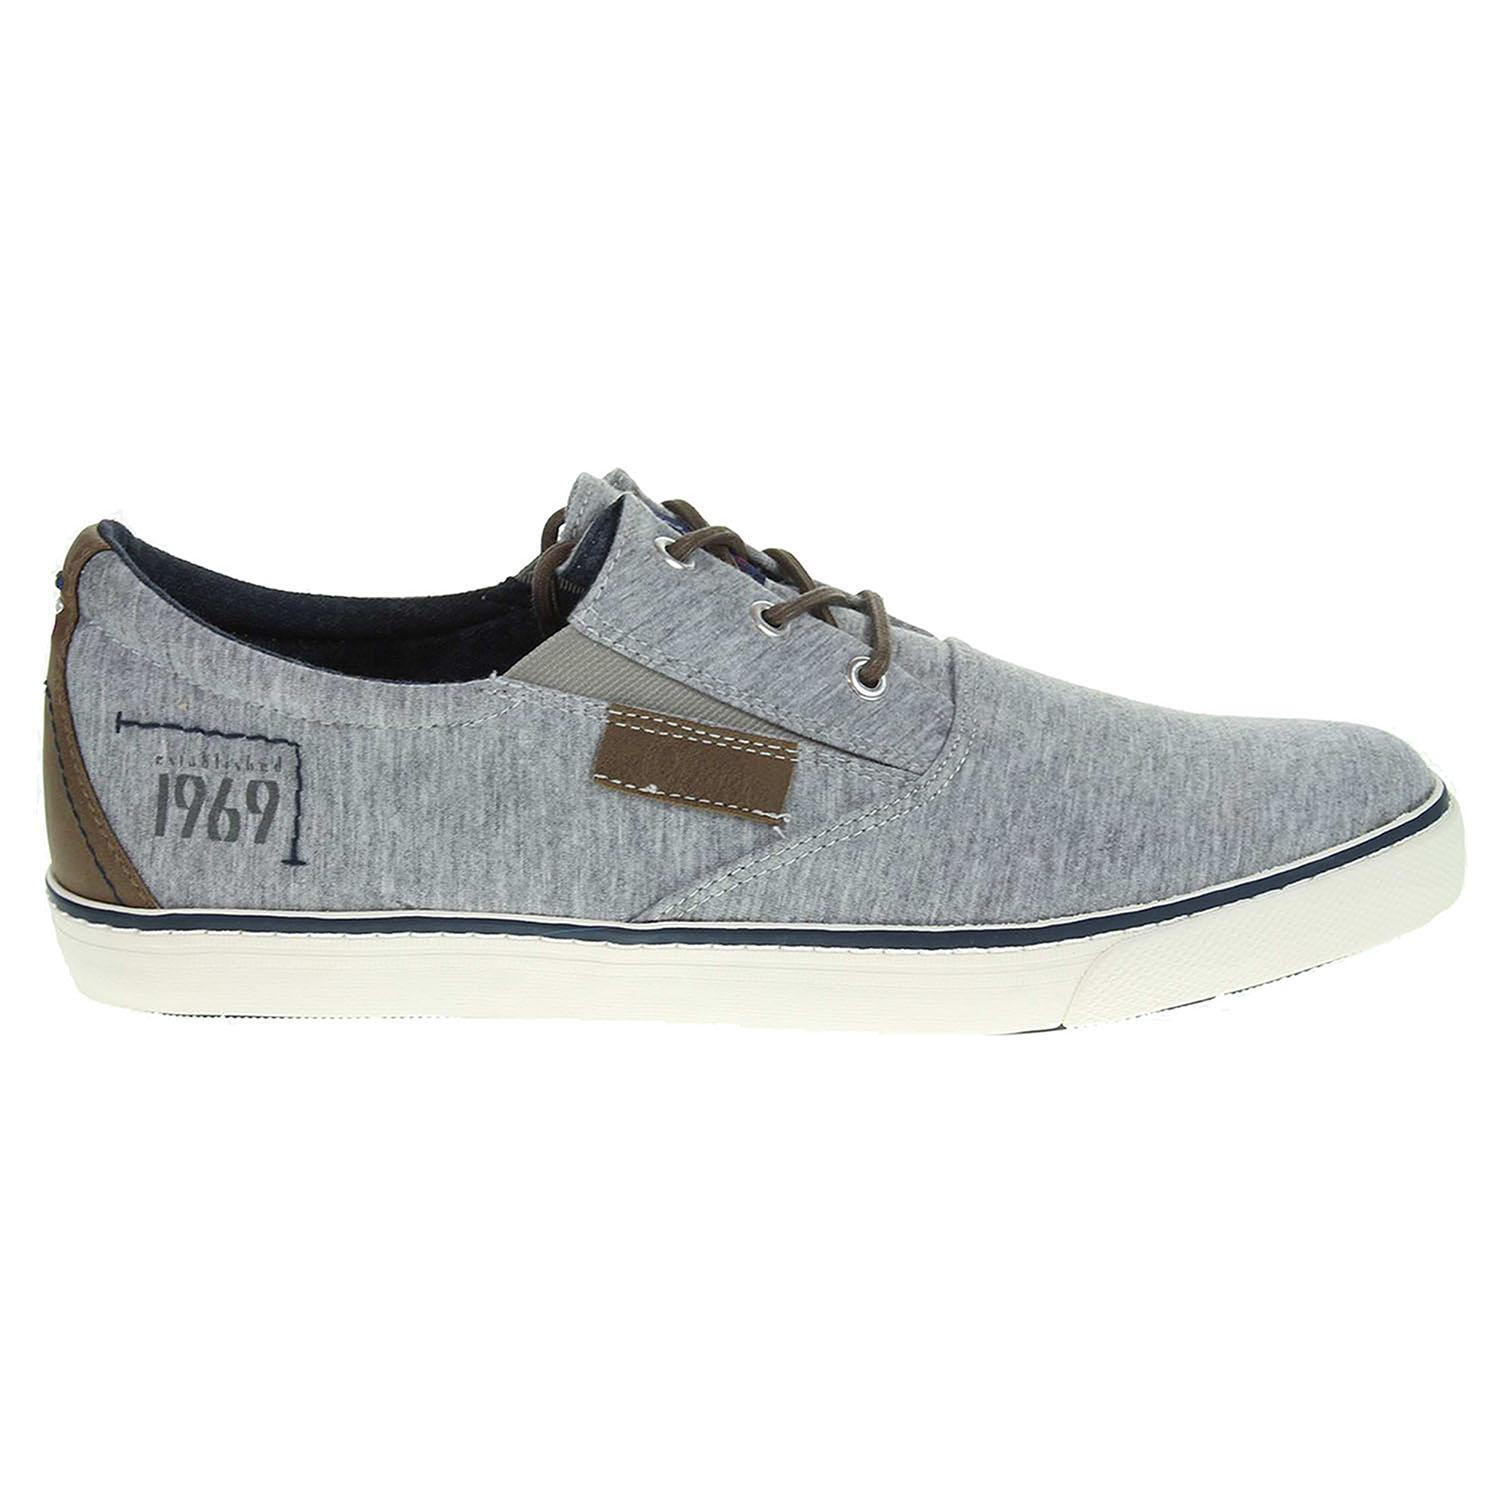 Ecco s.Oliver pánská obuv 5-13613-28 šedá 24000428